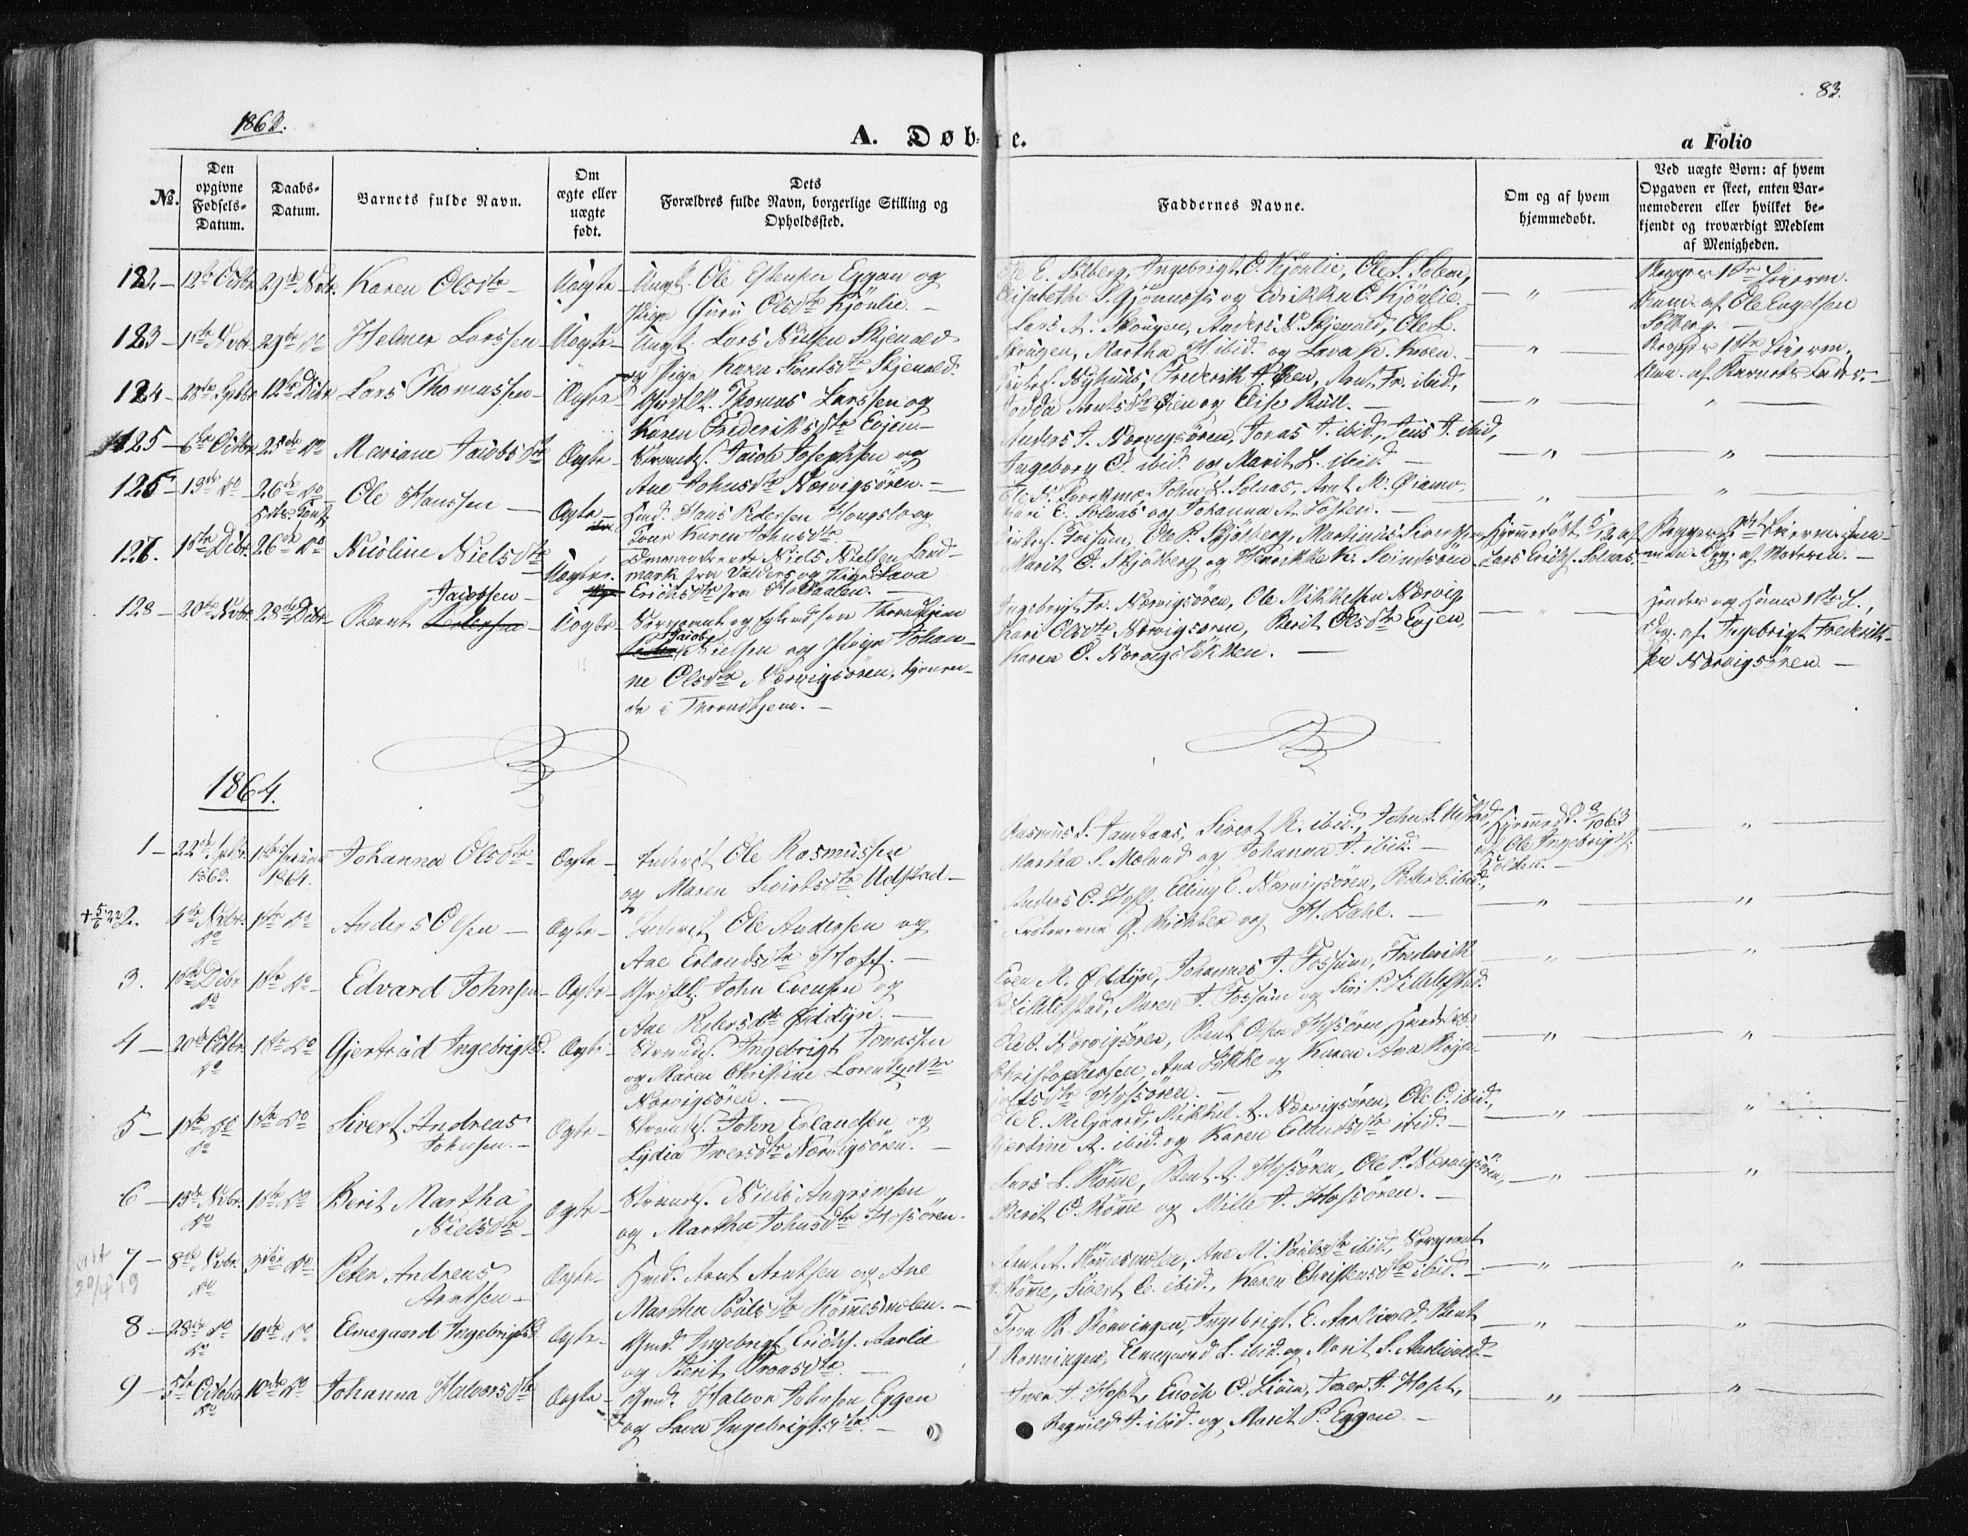 SAT, Ministerialprotokoller, klokkerbøker og fødselsregistre - Sør-Trøndelag, 668/L0806: Ministerialbok nr. 668A06, 1854-1869, s. 83